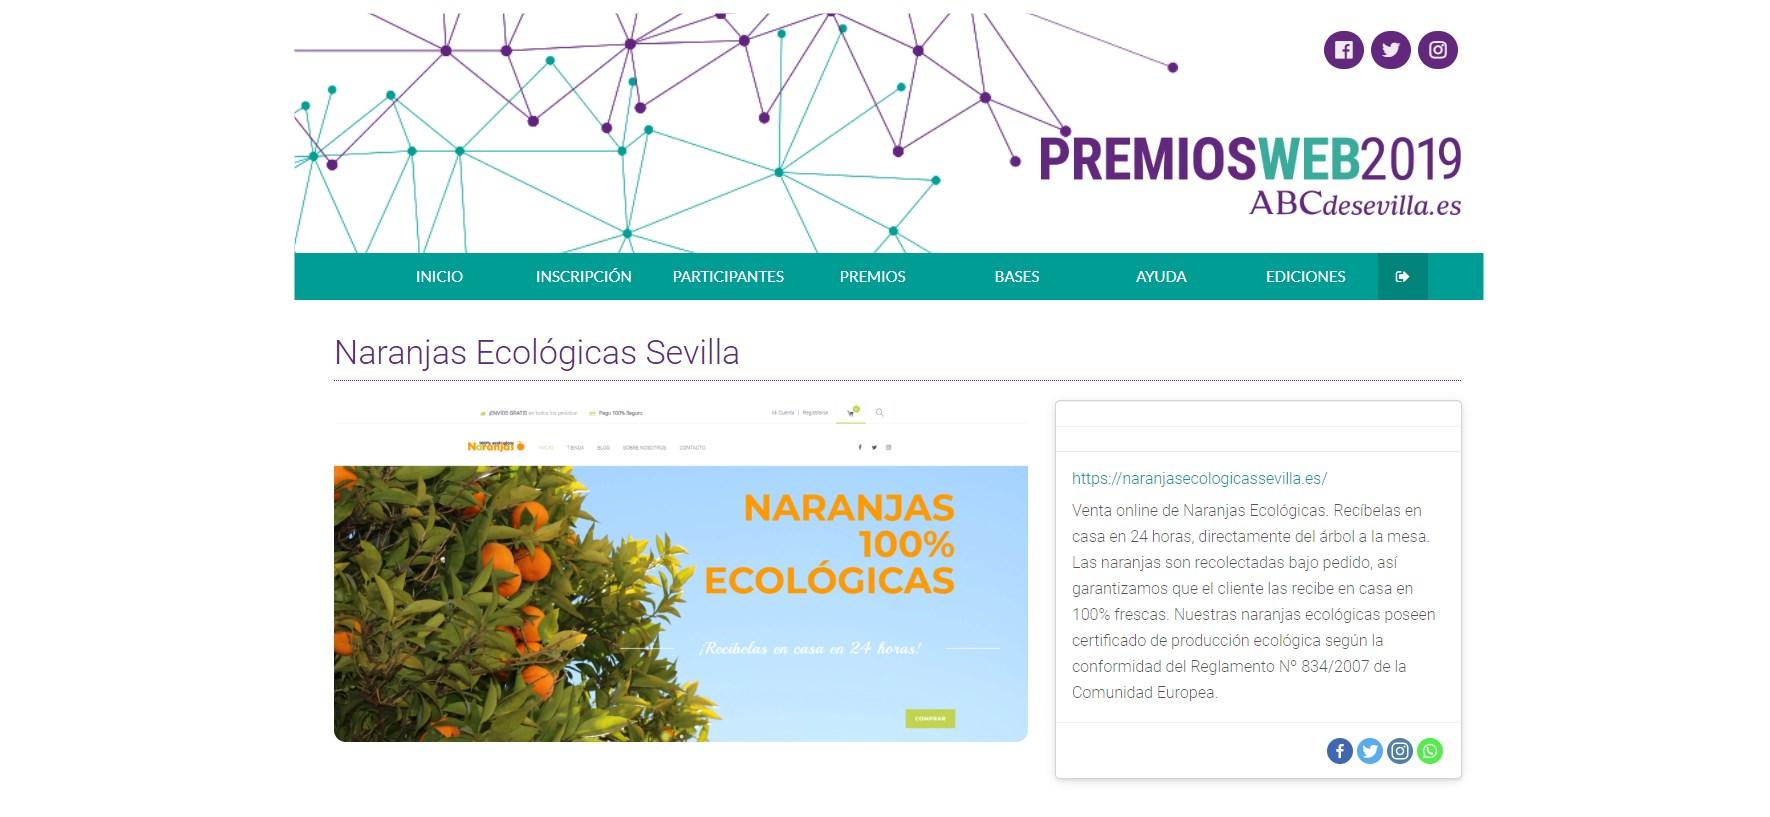 Volvemos a ser pre-seleccionados un año más en los Premios Web organizados por ABC de Sevilla